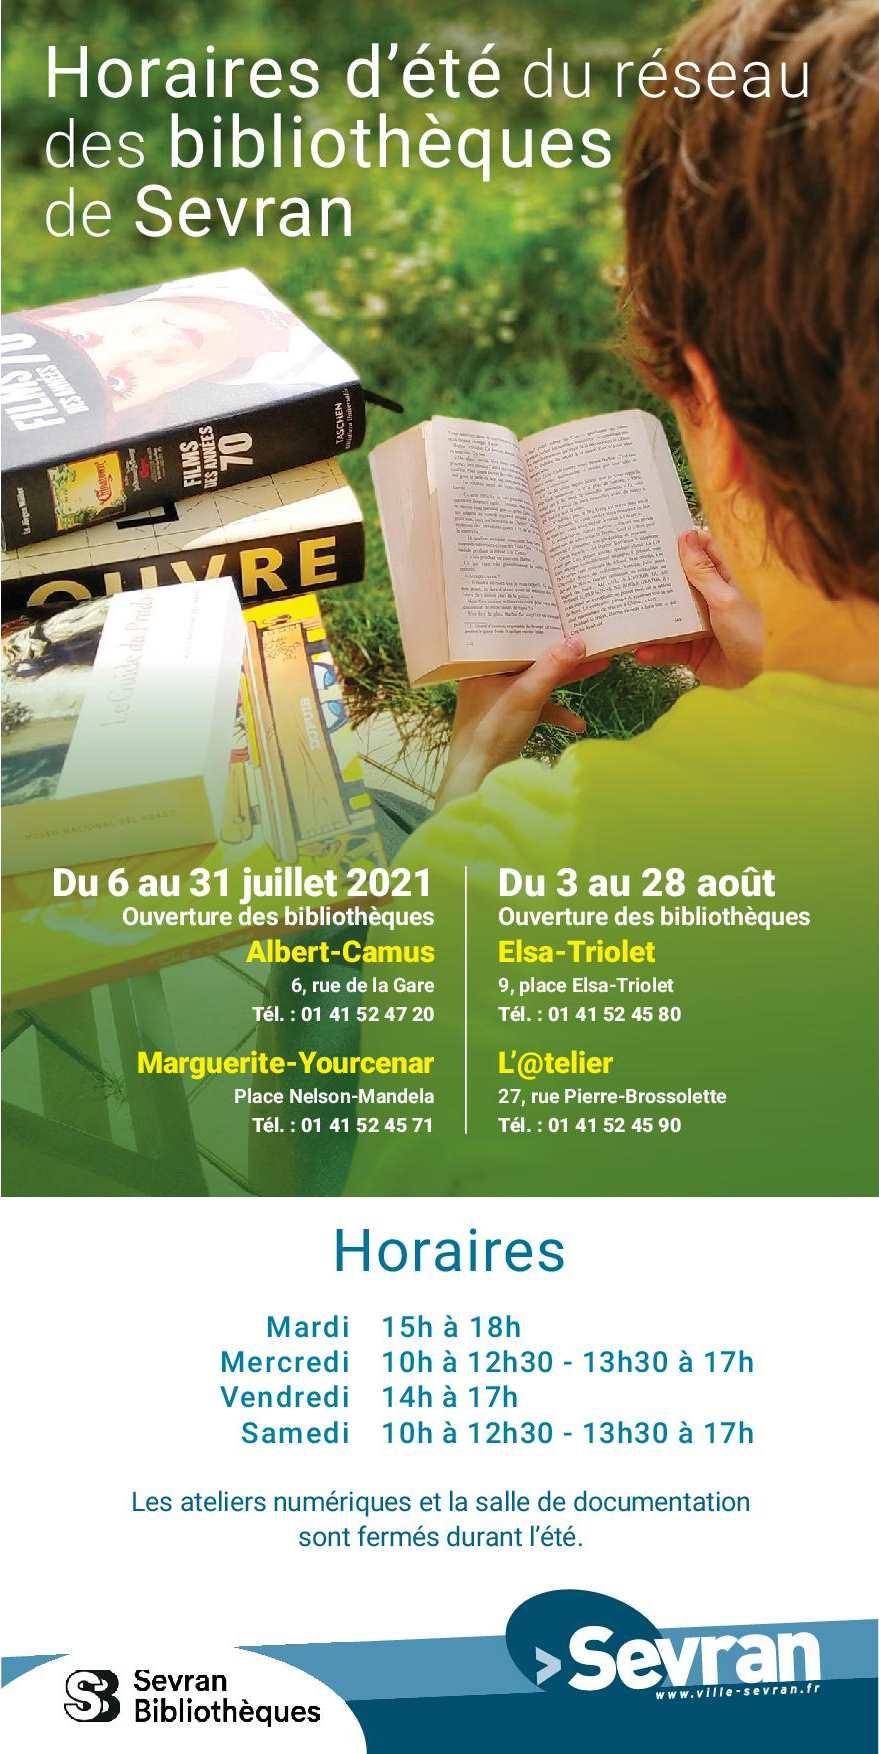 Hoaires été 2021 - Bibliothèques